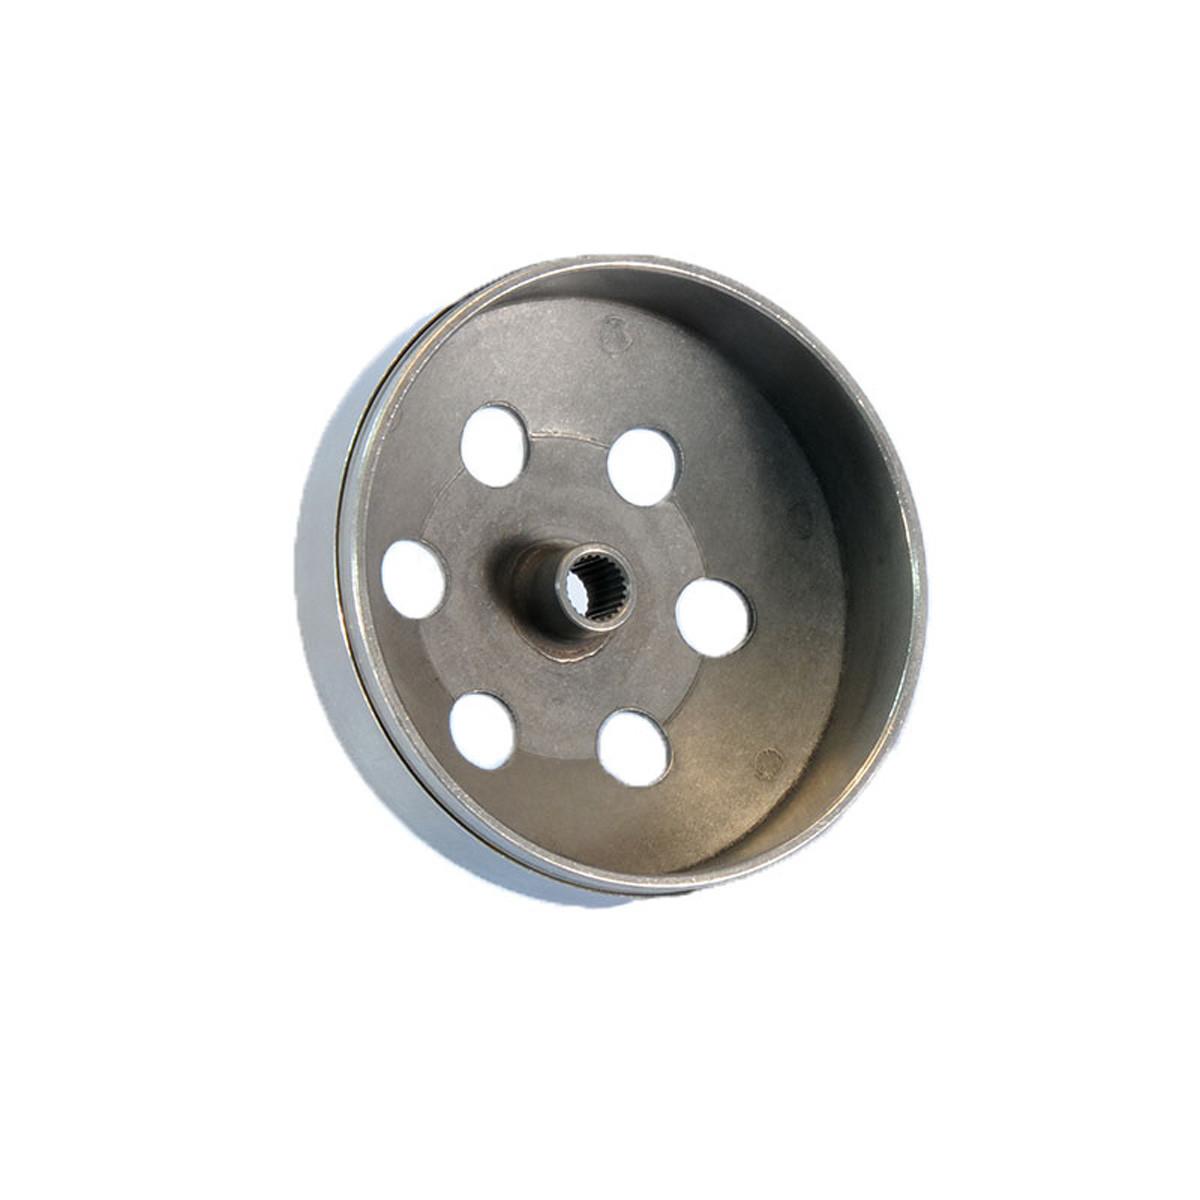 Cloche Embrayage PEUGEOT, PIAGGIO - POLINI Speed Bell